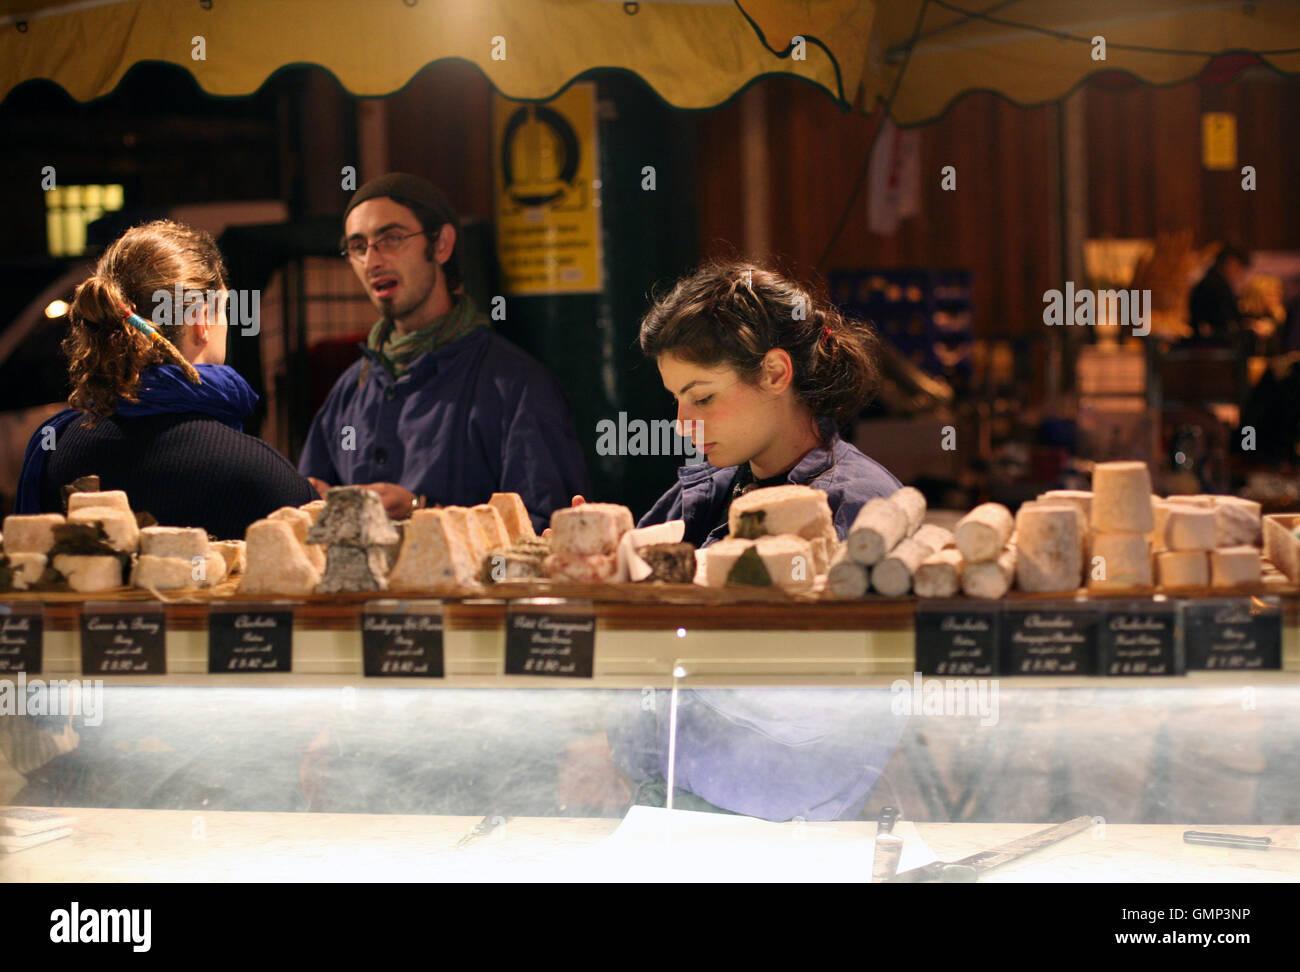 Spanische Käse Verkäufer im Borough Market, Londons älteste Lebensmittelmarkt eine eklektische Mischung Stockbild